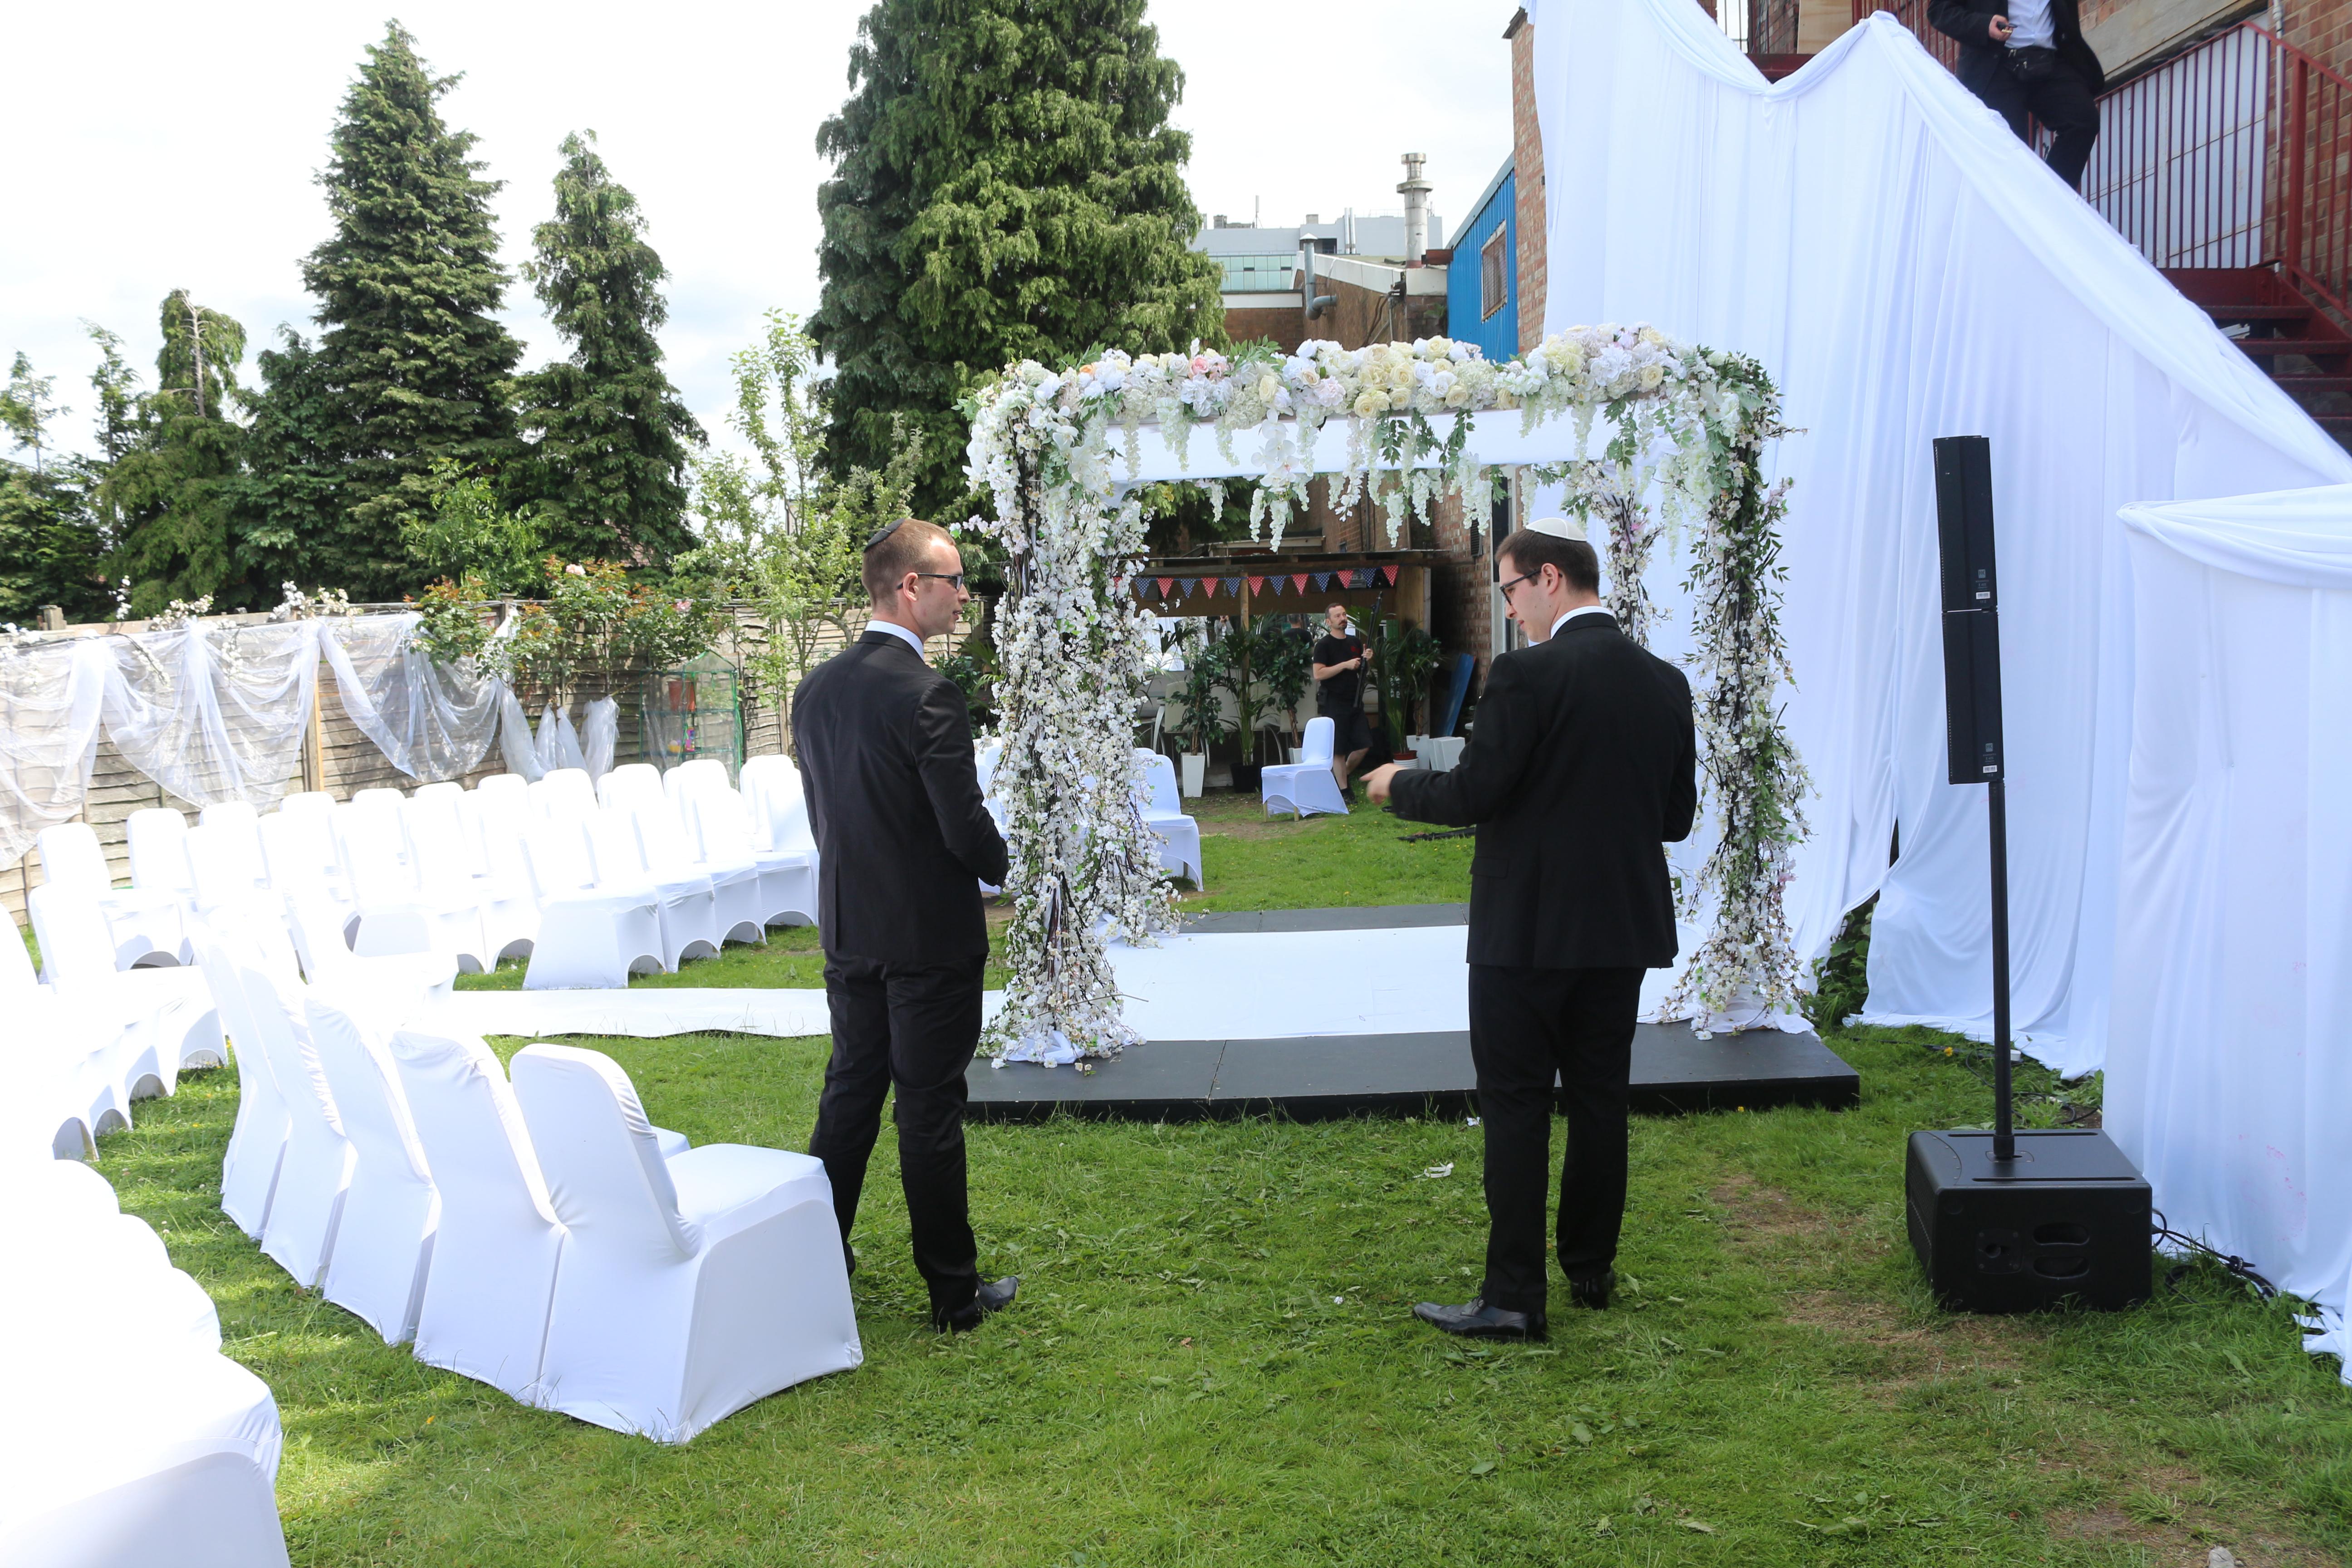 IMG_4624 & 9 u2013 The Jewish Wedding u2013 Event Life